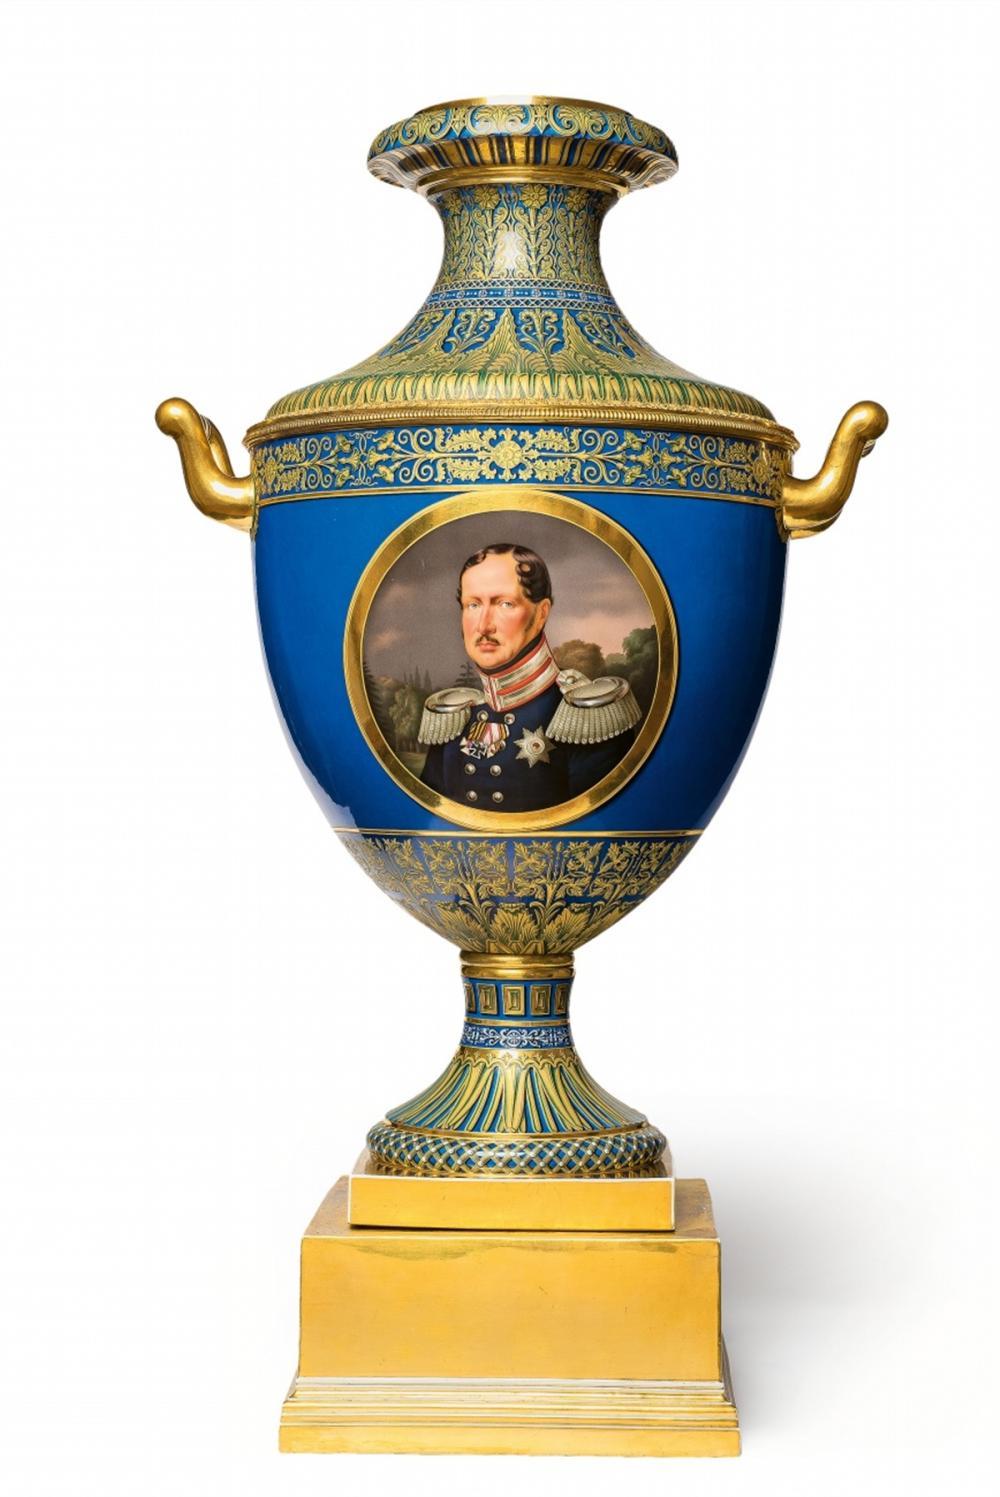 Vas med porträtt av Fredrik Vilhelm III av Preussen, gåva till kungen av Hannover, KPM Berlin 1842. Foto: Lempertz.